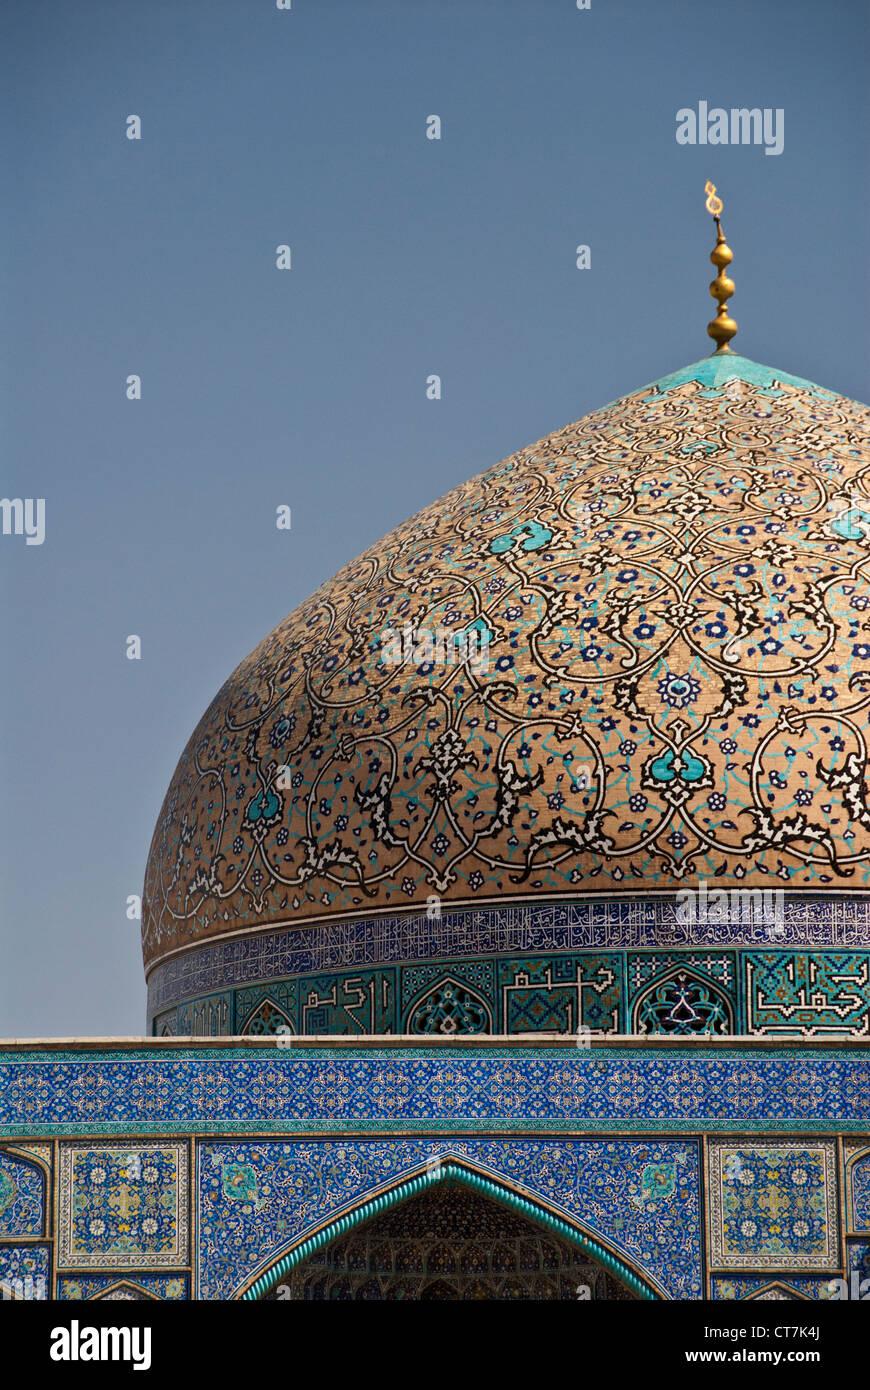 La cúpula de la mezquita Masjid-i es la mezquita de Sheikh Lotfallah Esfahan, Irán Imagen De Stock